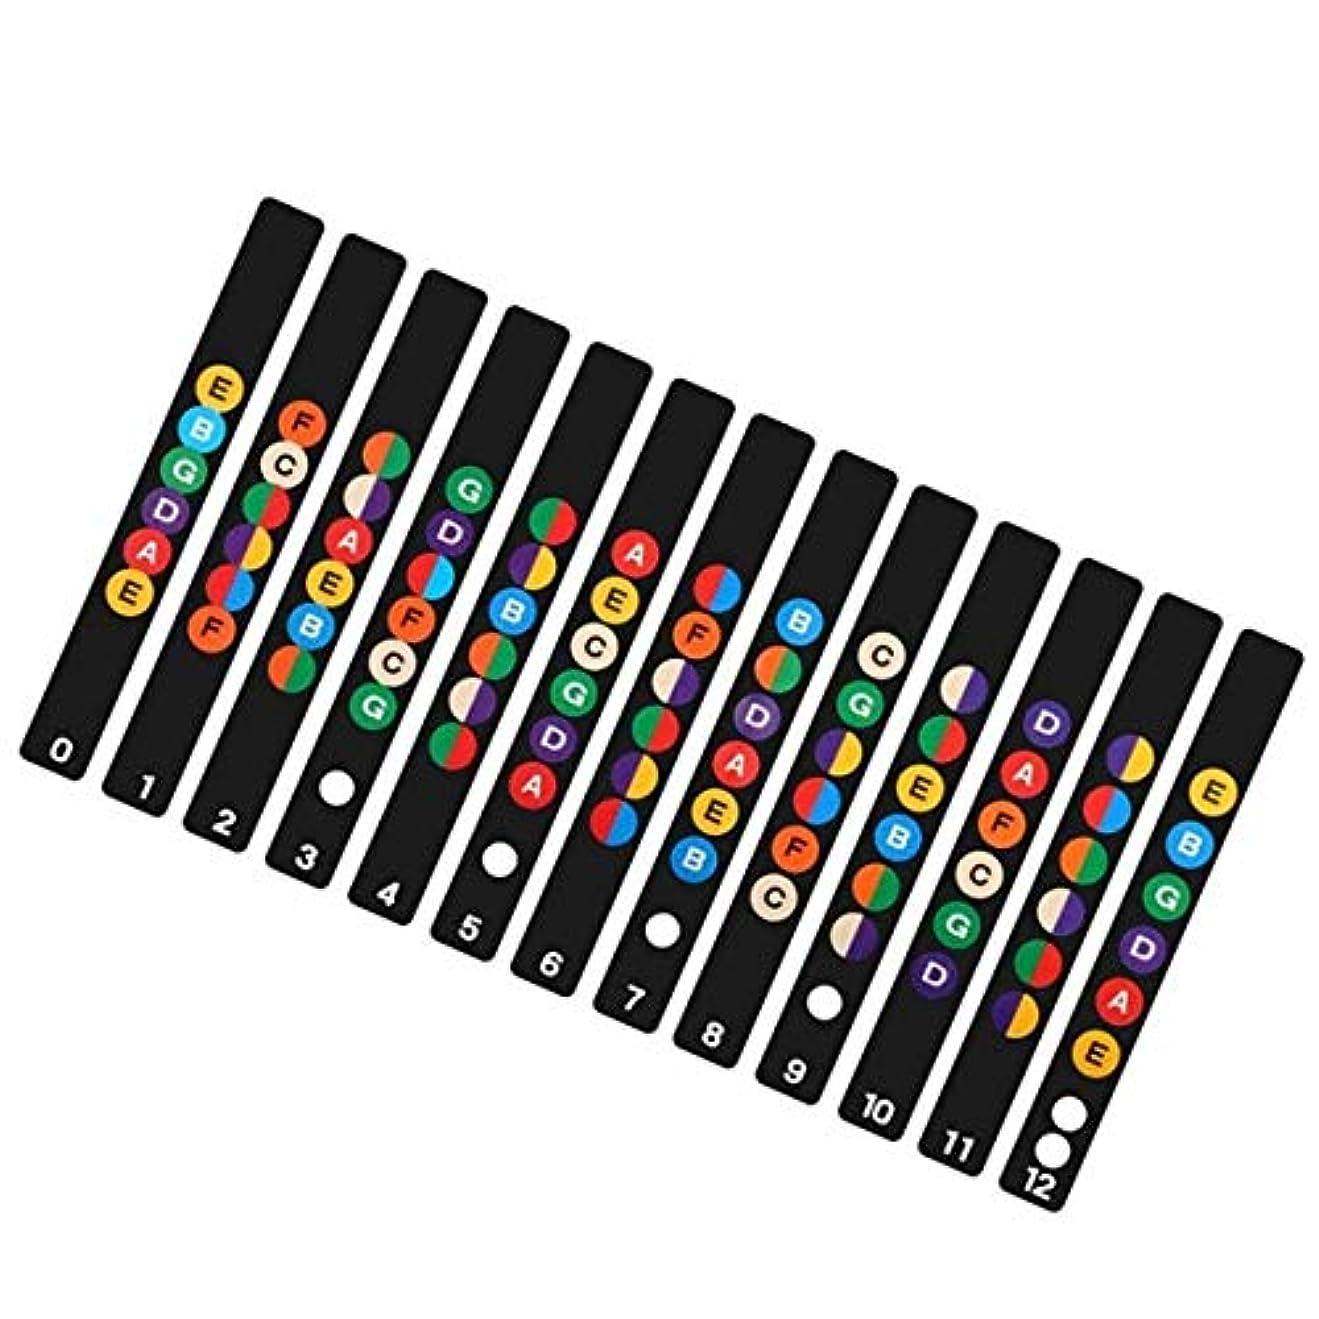 とげ葡萄脚本ギターミュージカルスケールステッカーGuitar Neck Fretboard Note MapフレットステッカーLables Decals Learn Fingerboard 便利